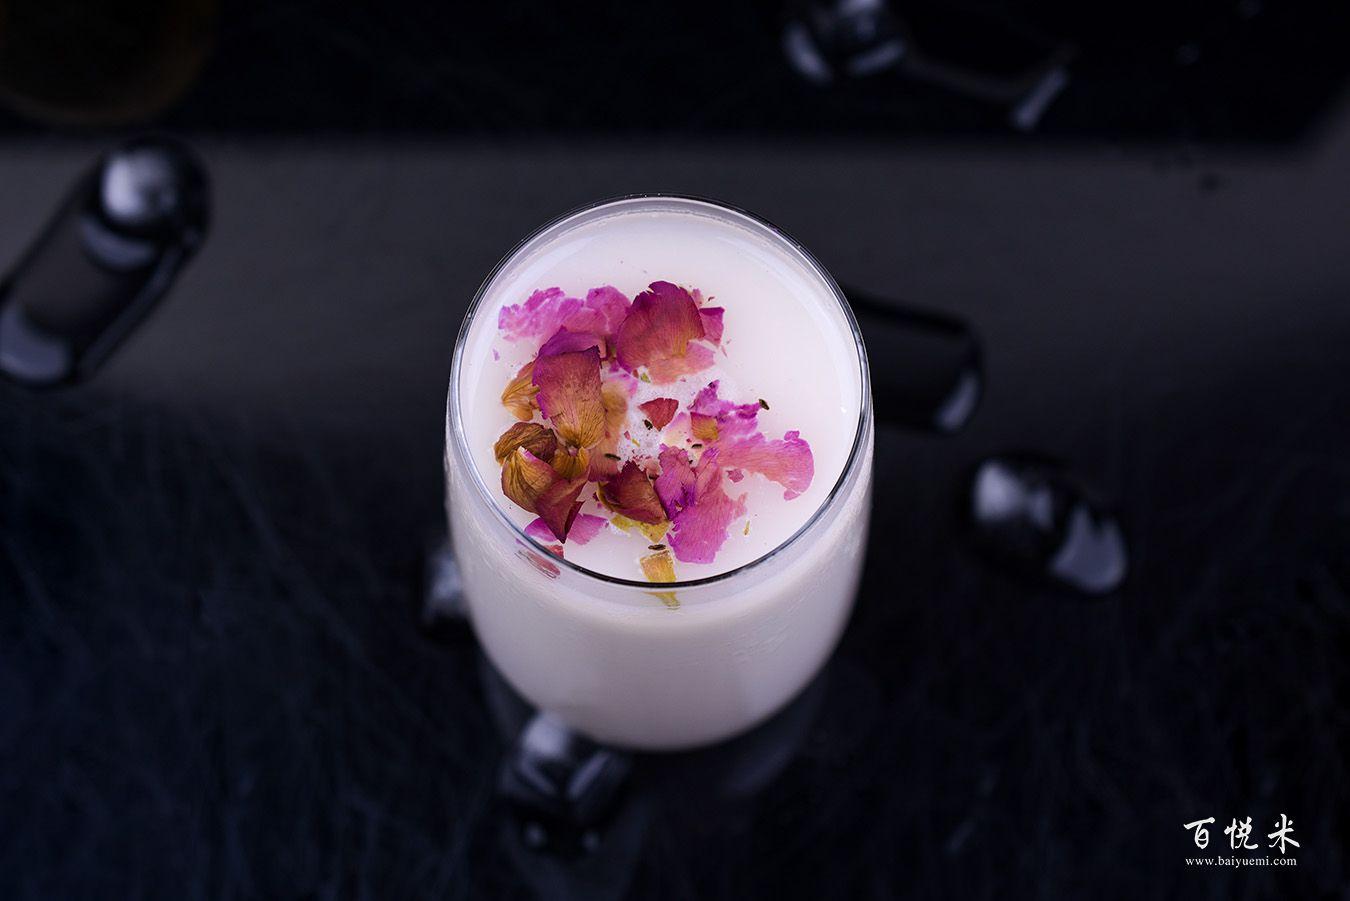 玫瑰奶茶的做法视频大全_西点培训学习教程